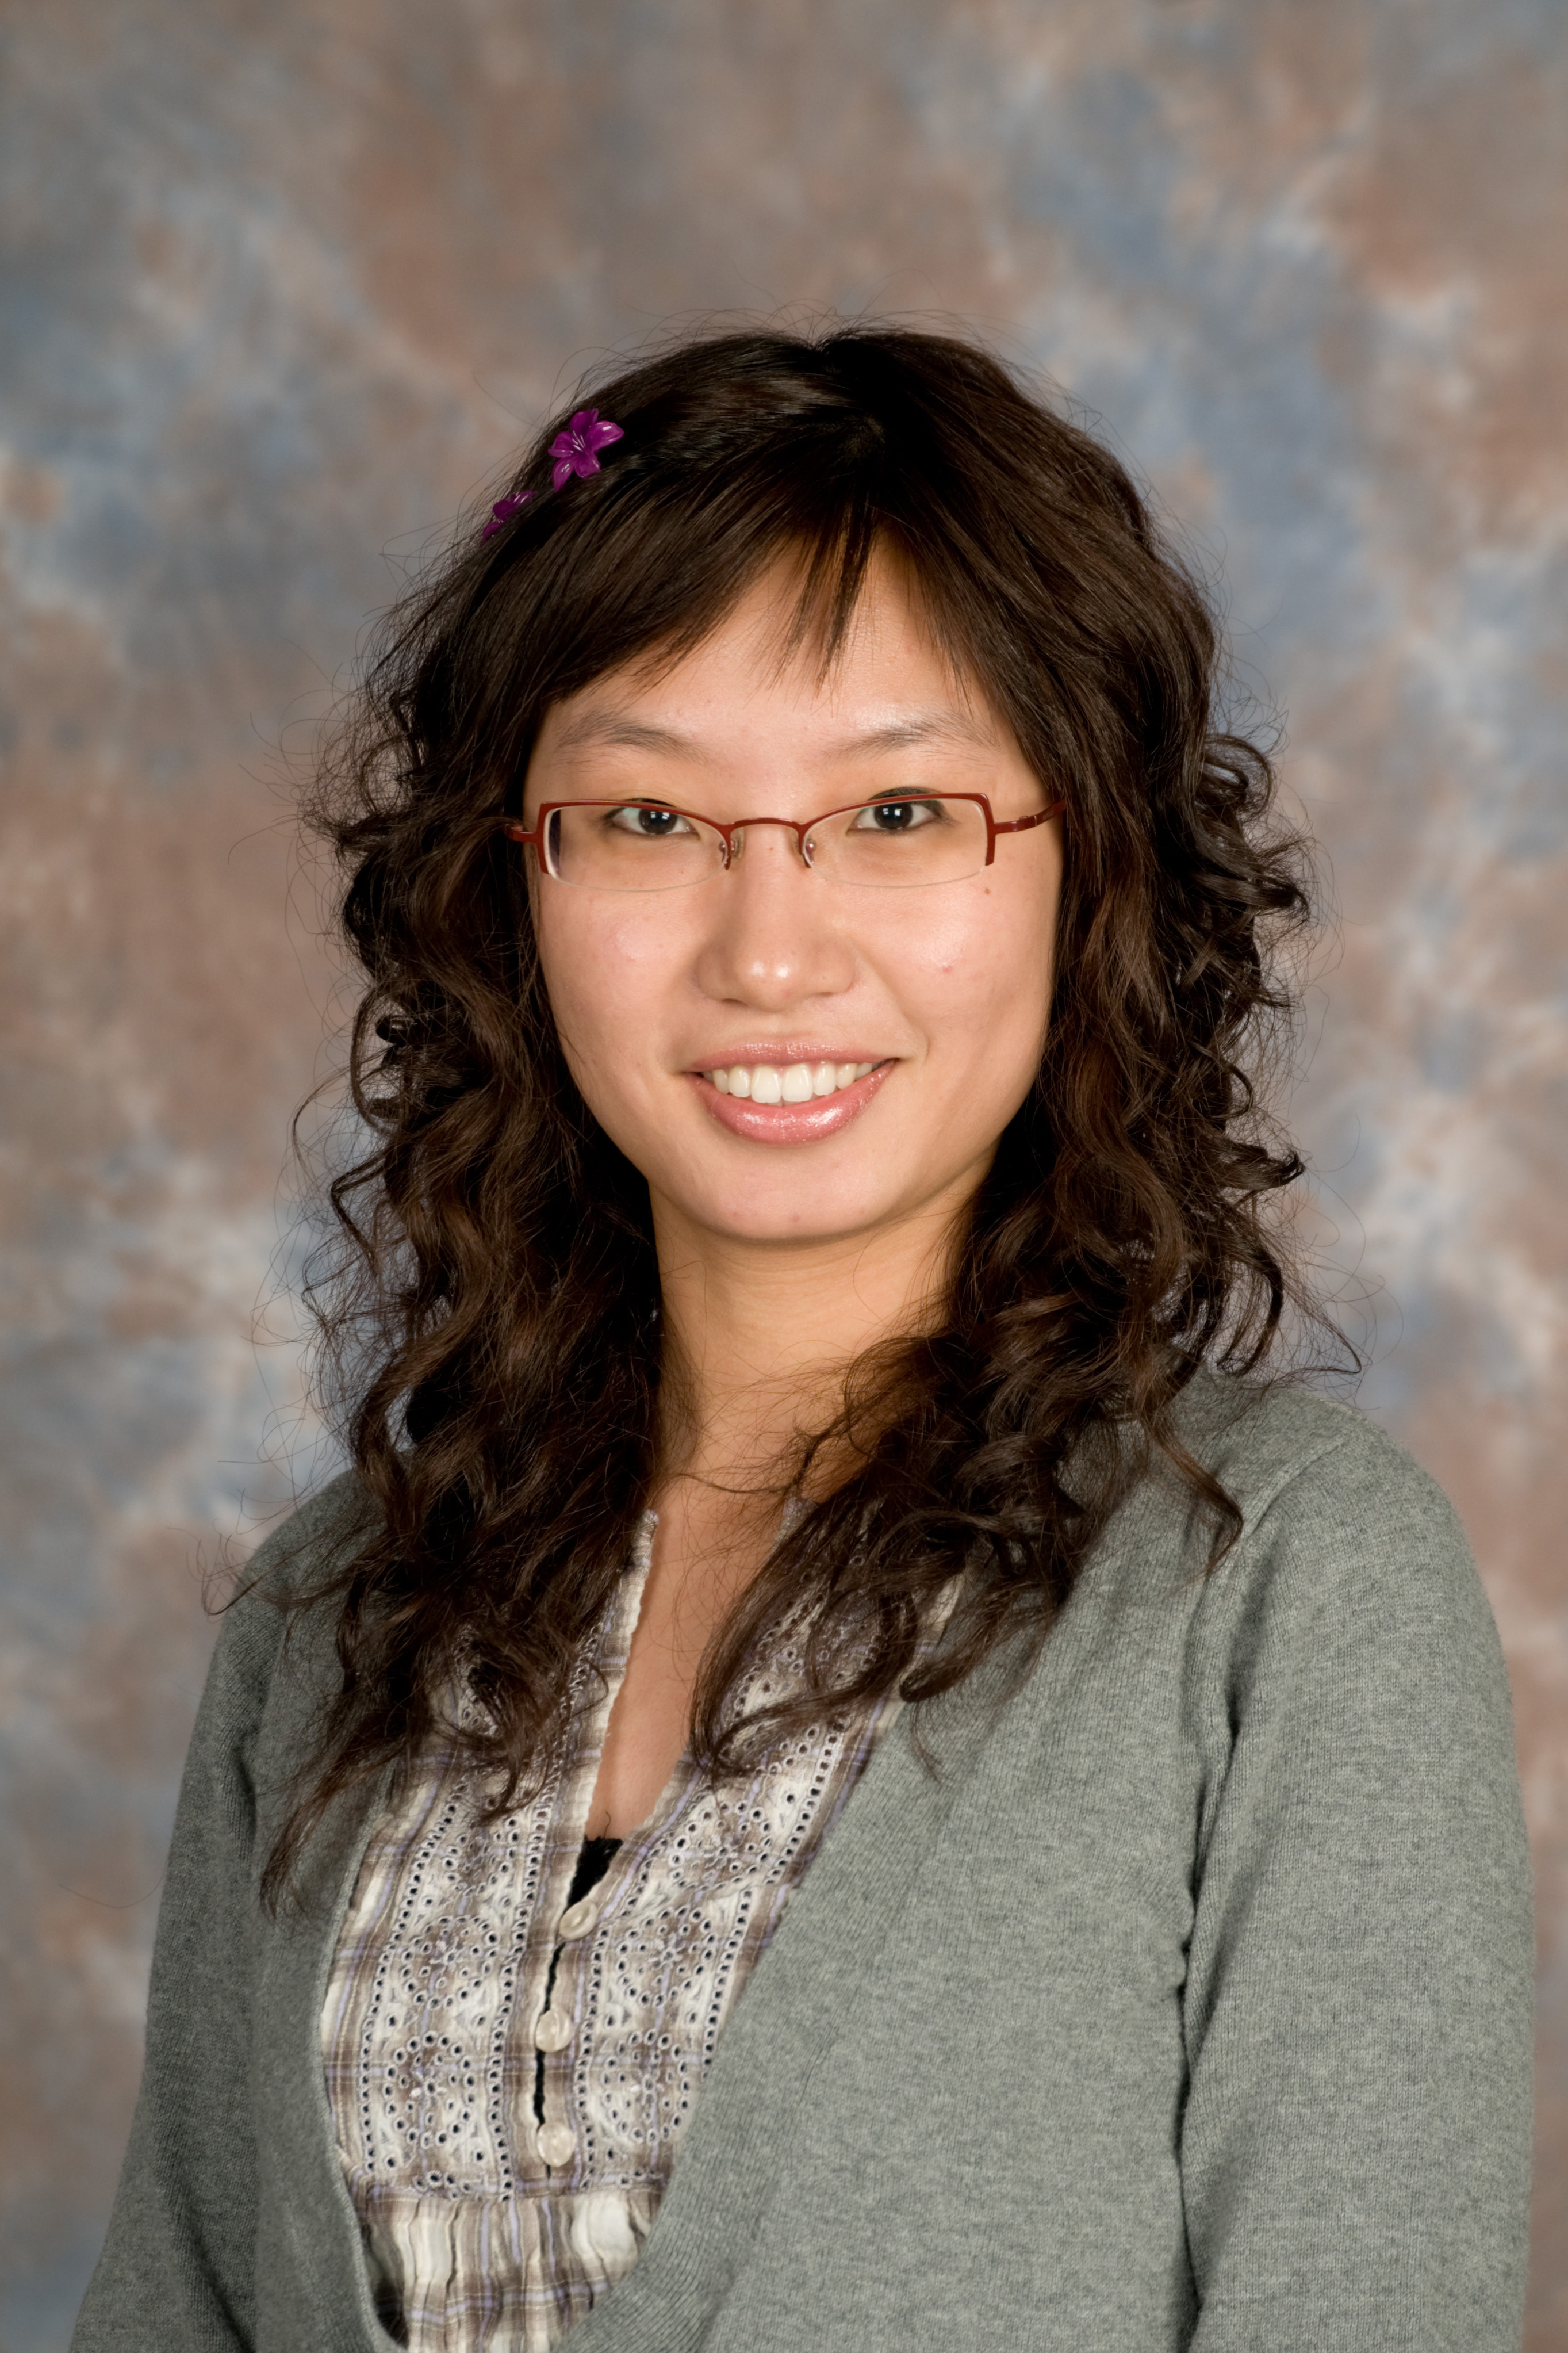 Yifei Zhao